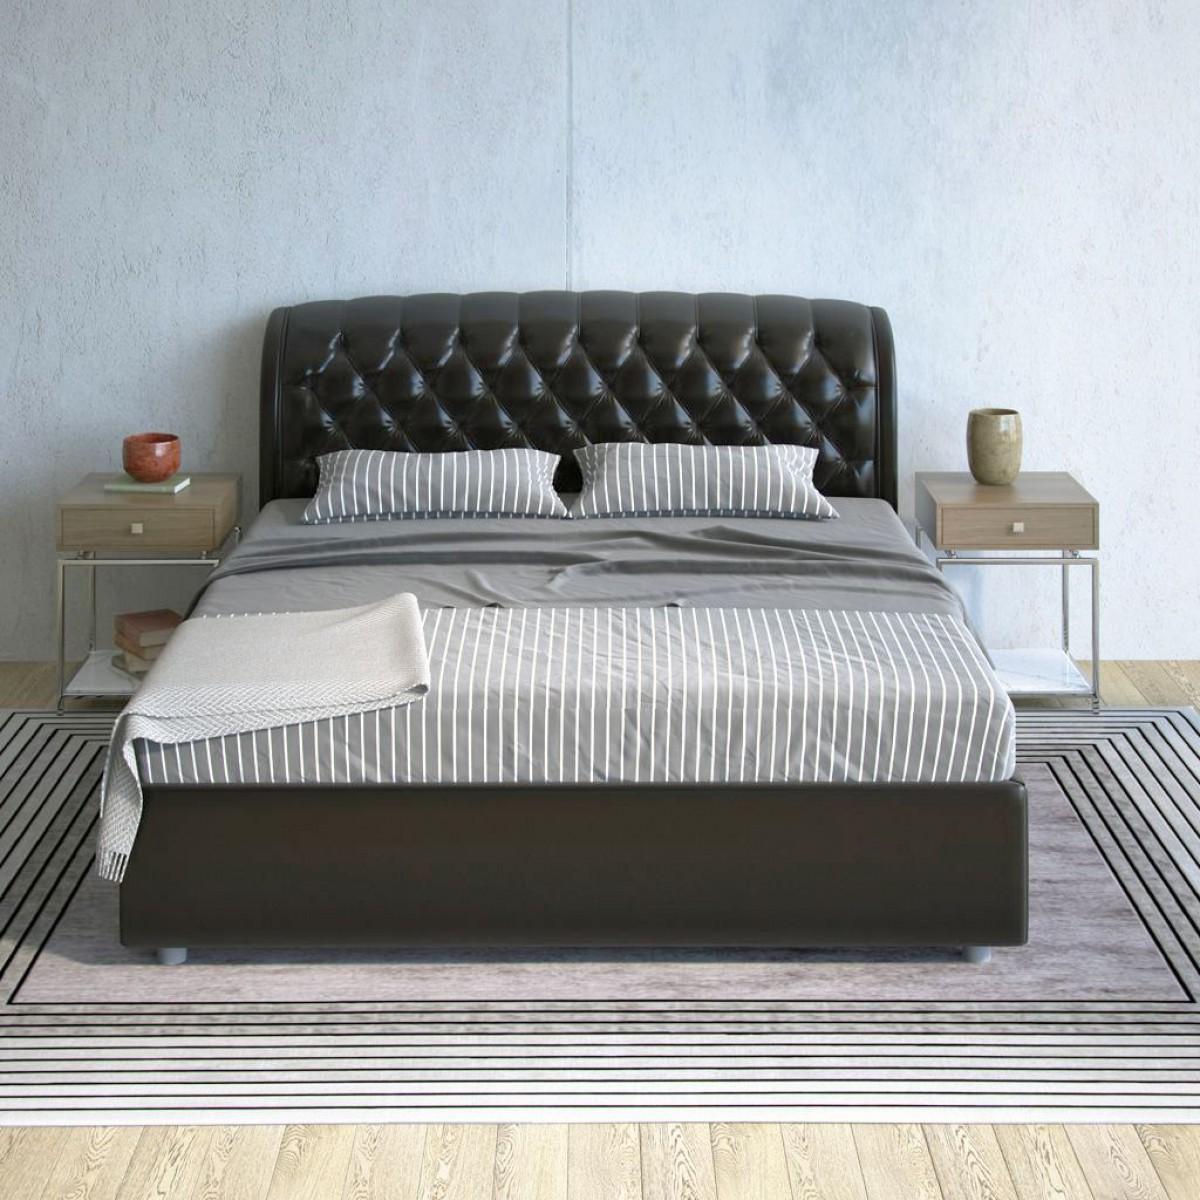 Кровать Barletto - элегантная кровать с мягким изголовьем